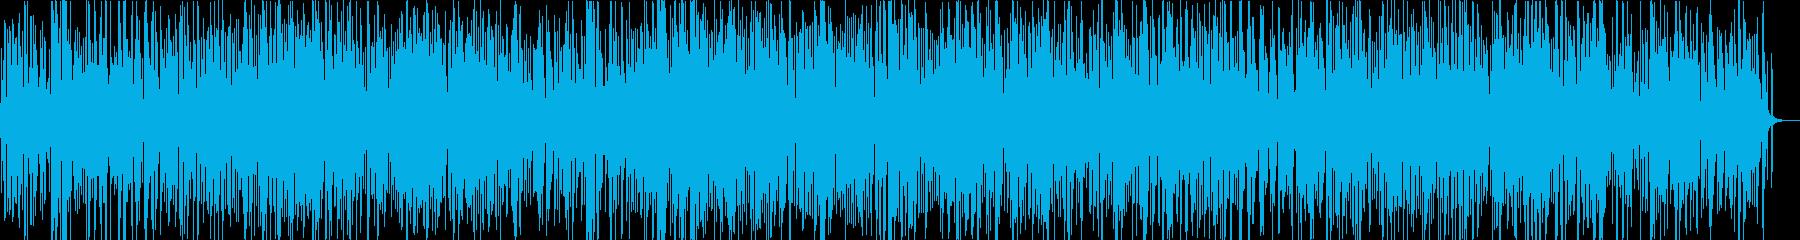 ほのぼのした雰囲気のジャズの再生済みの波形